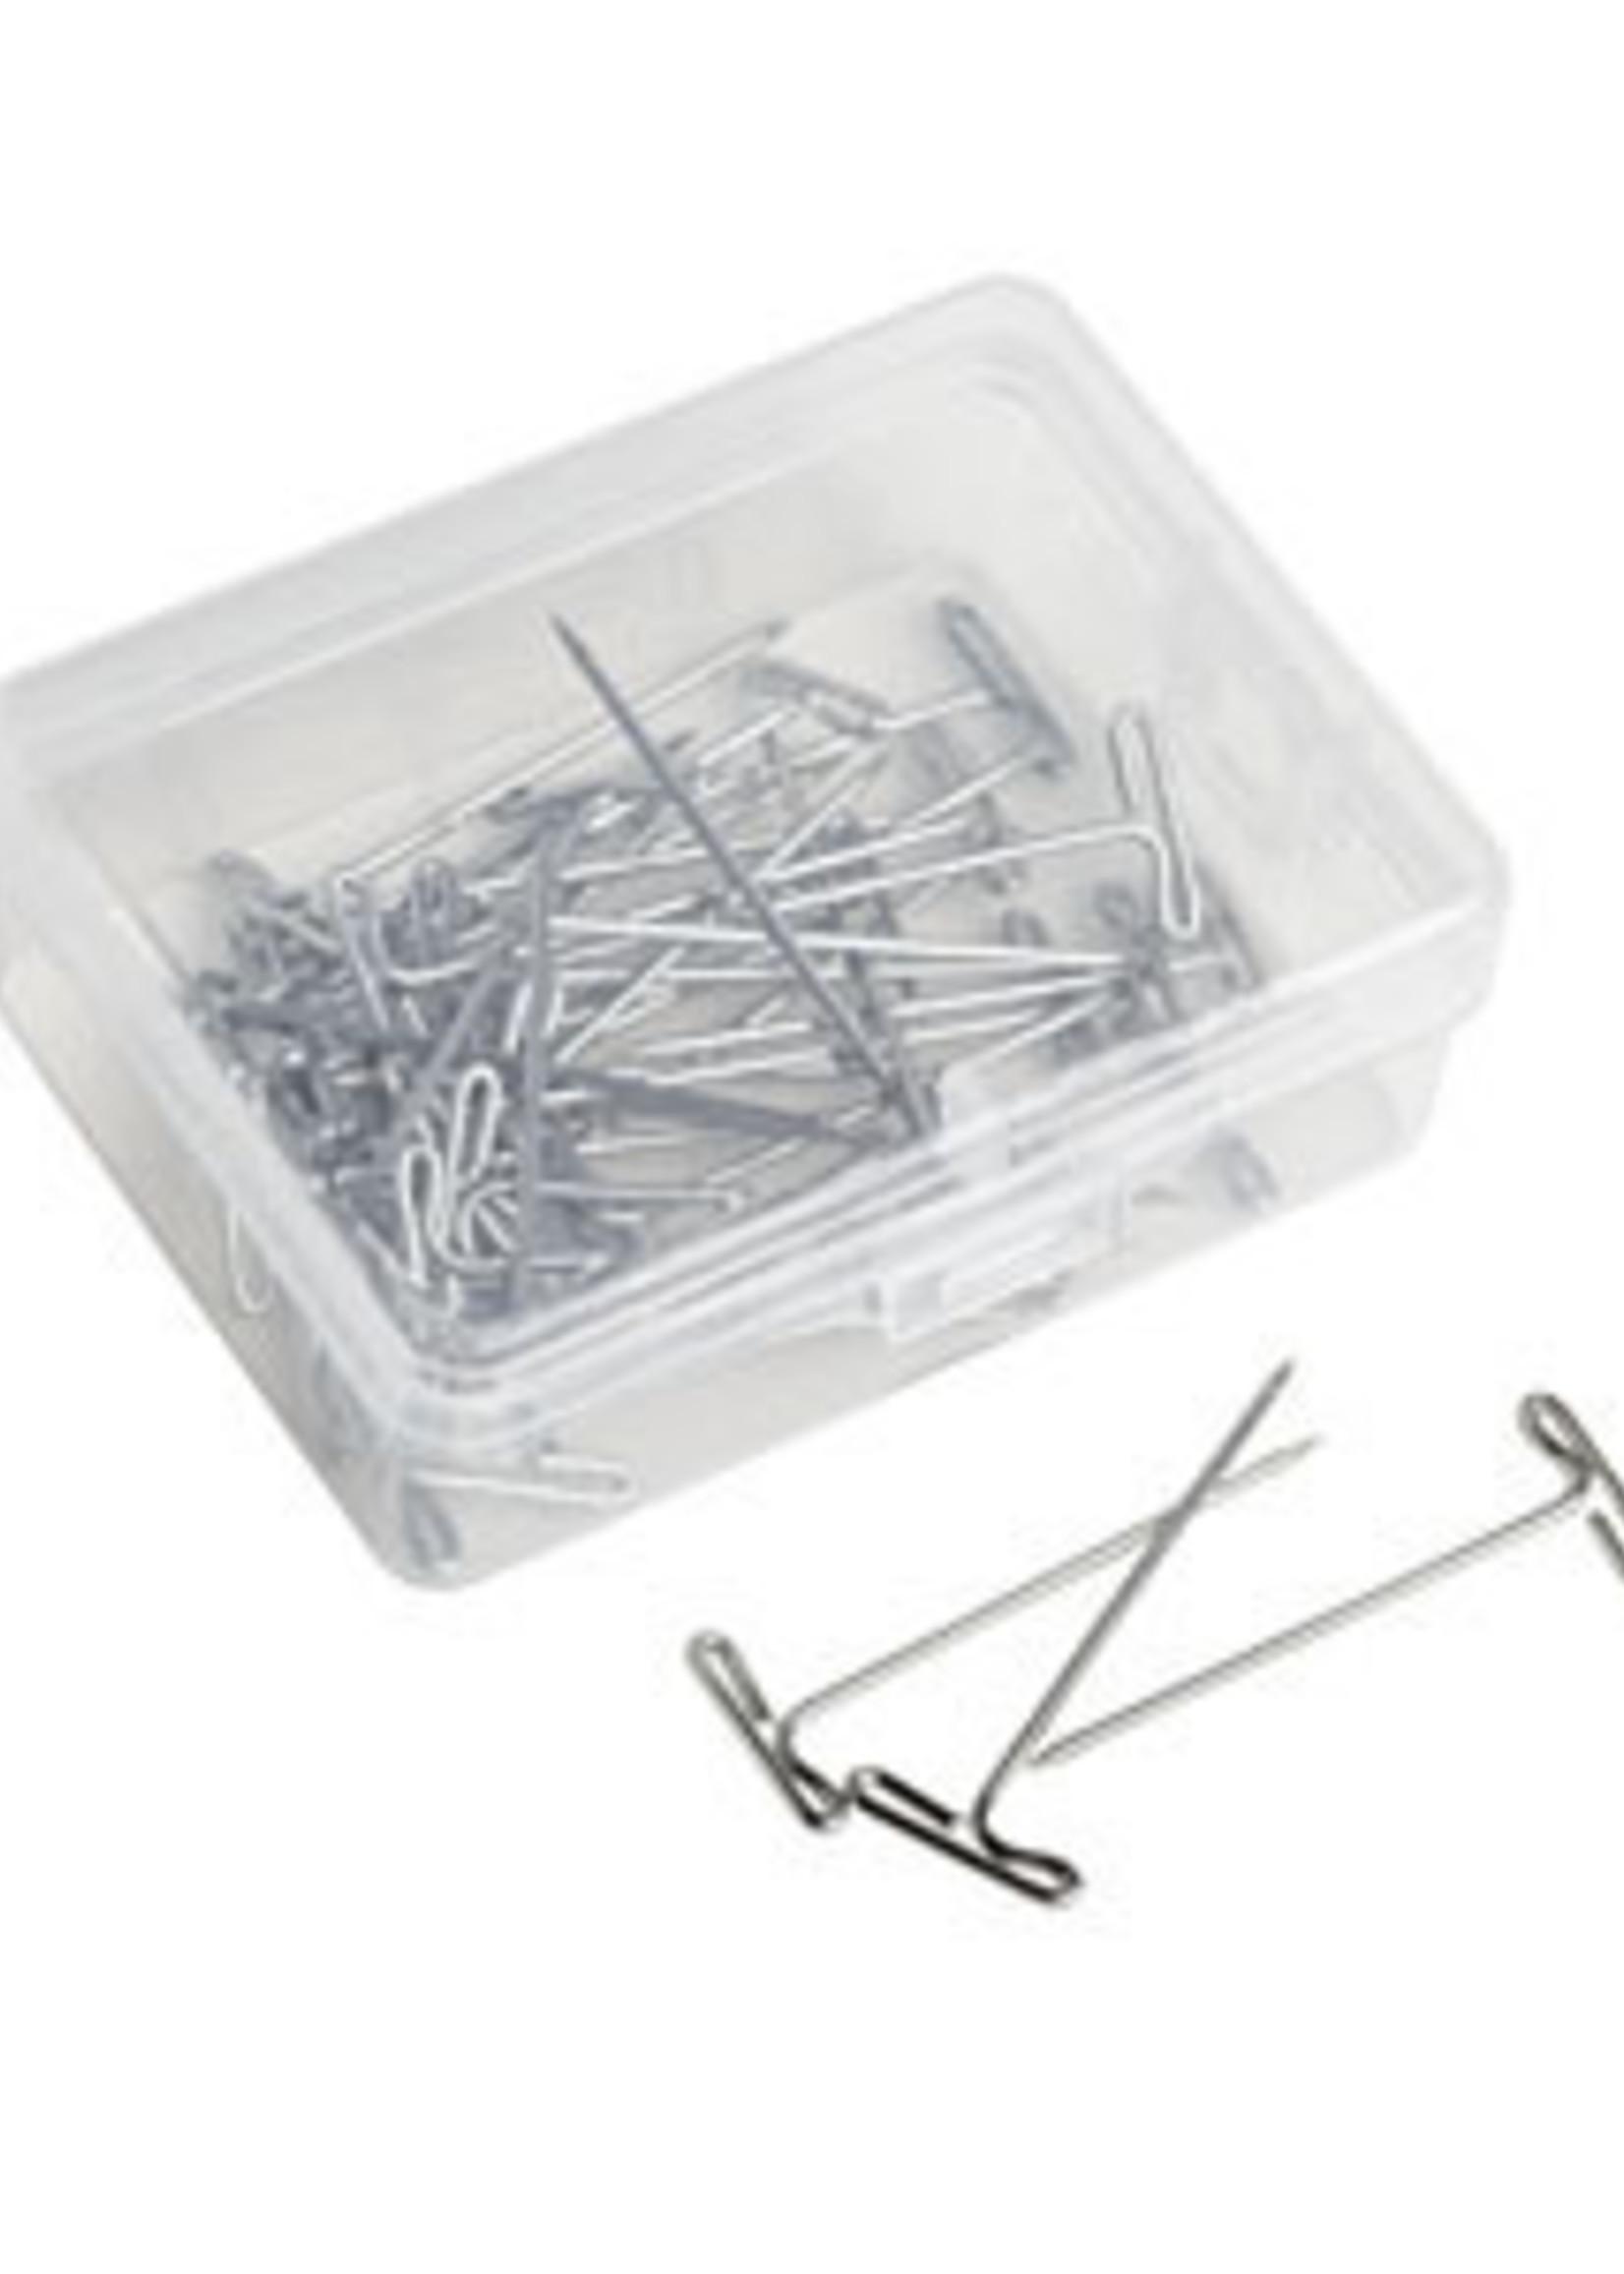 Knit Picks Knit Picks Blocking Pins